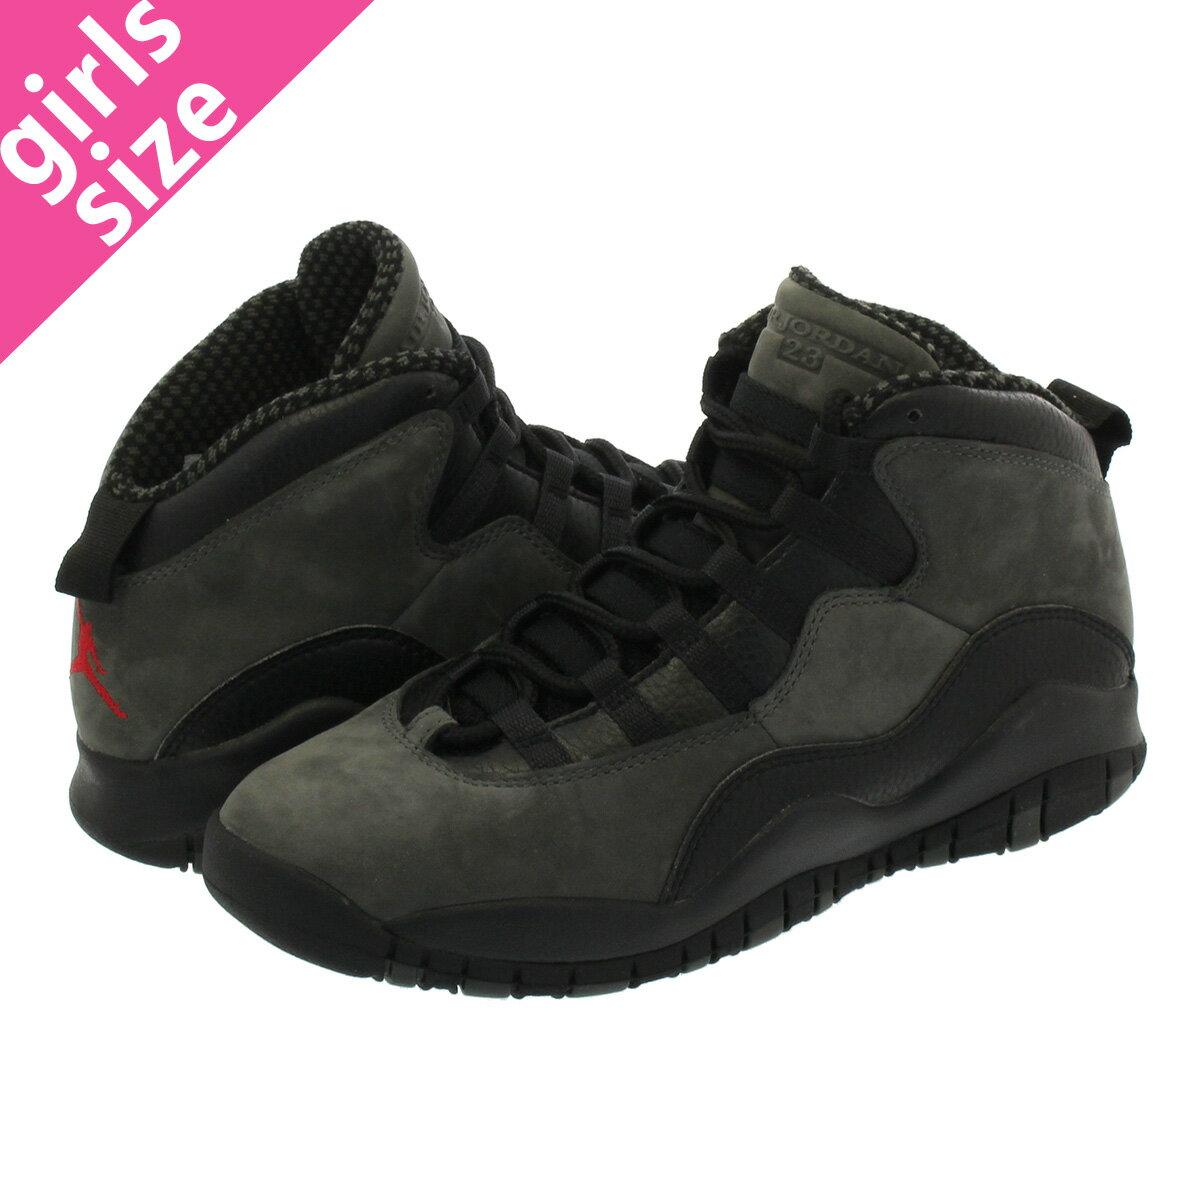 レディース靴, スニーカー  NIKE AIR JORDAN 10 RETRO BG 10 BG DARK SHADOWTRUE REDBLACK 310806-002